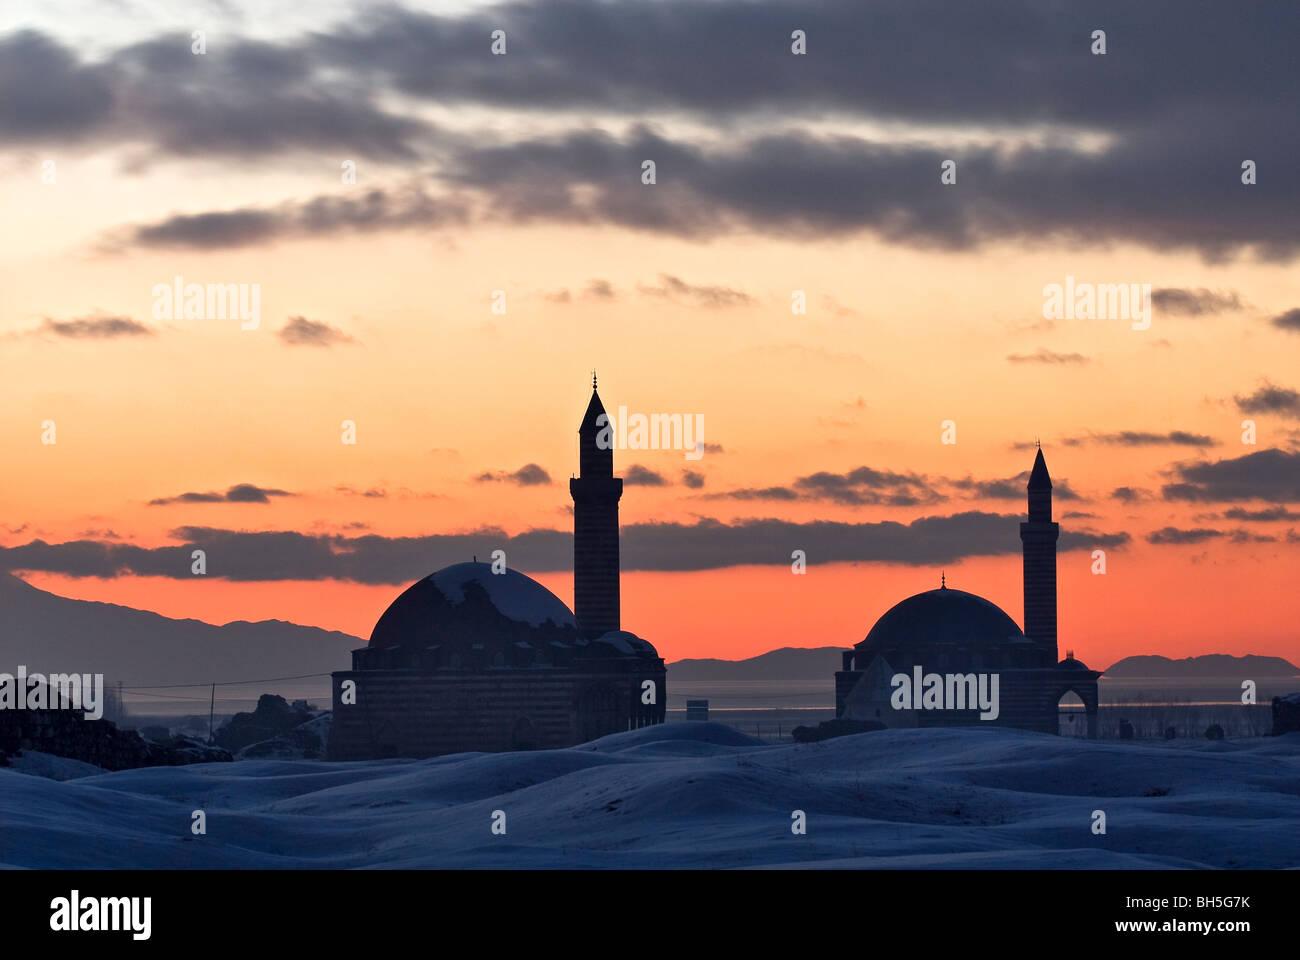 Sonnenuntergang-Szene und historischen Moscheen, Van, Türkei Stockbild